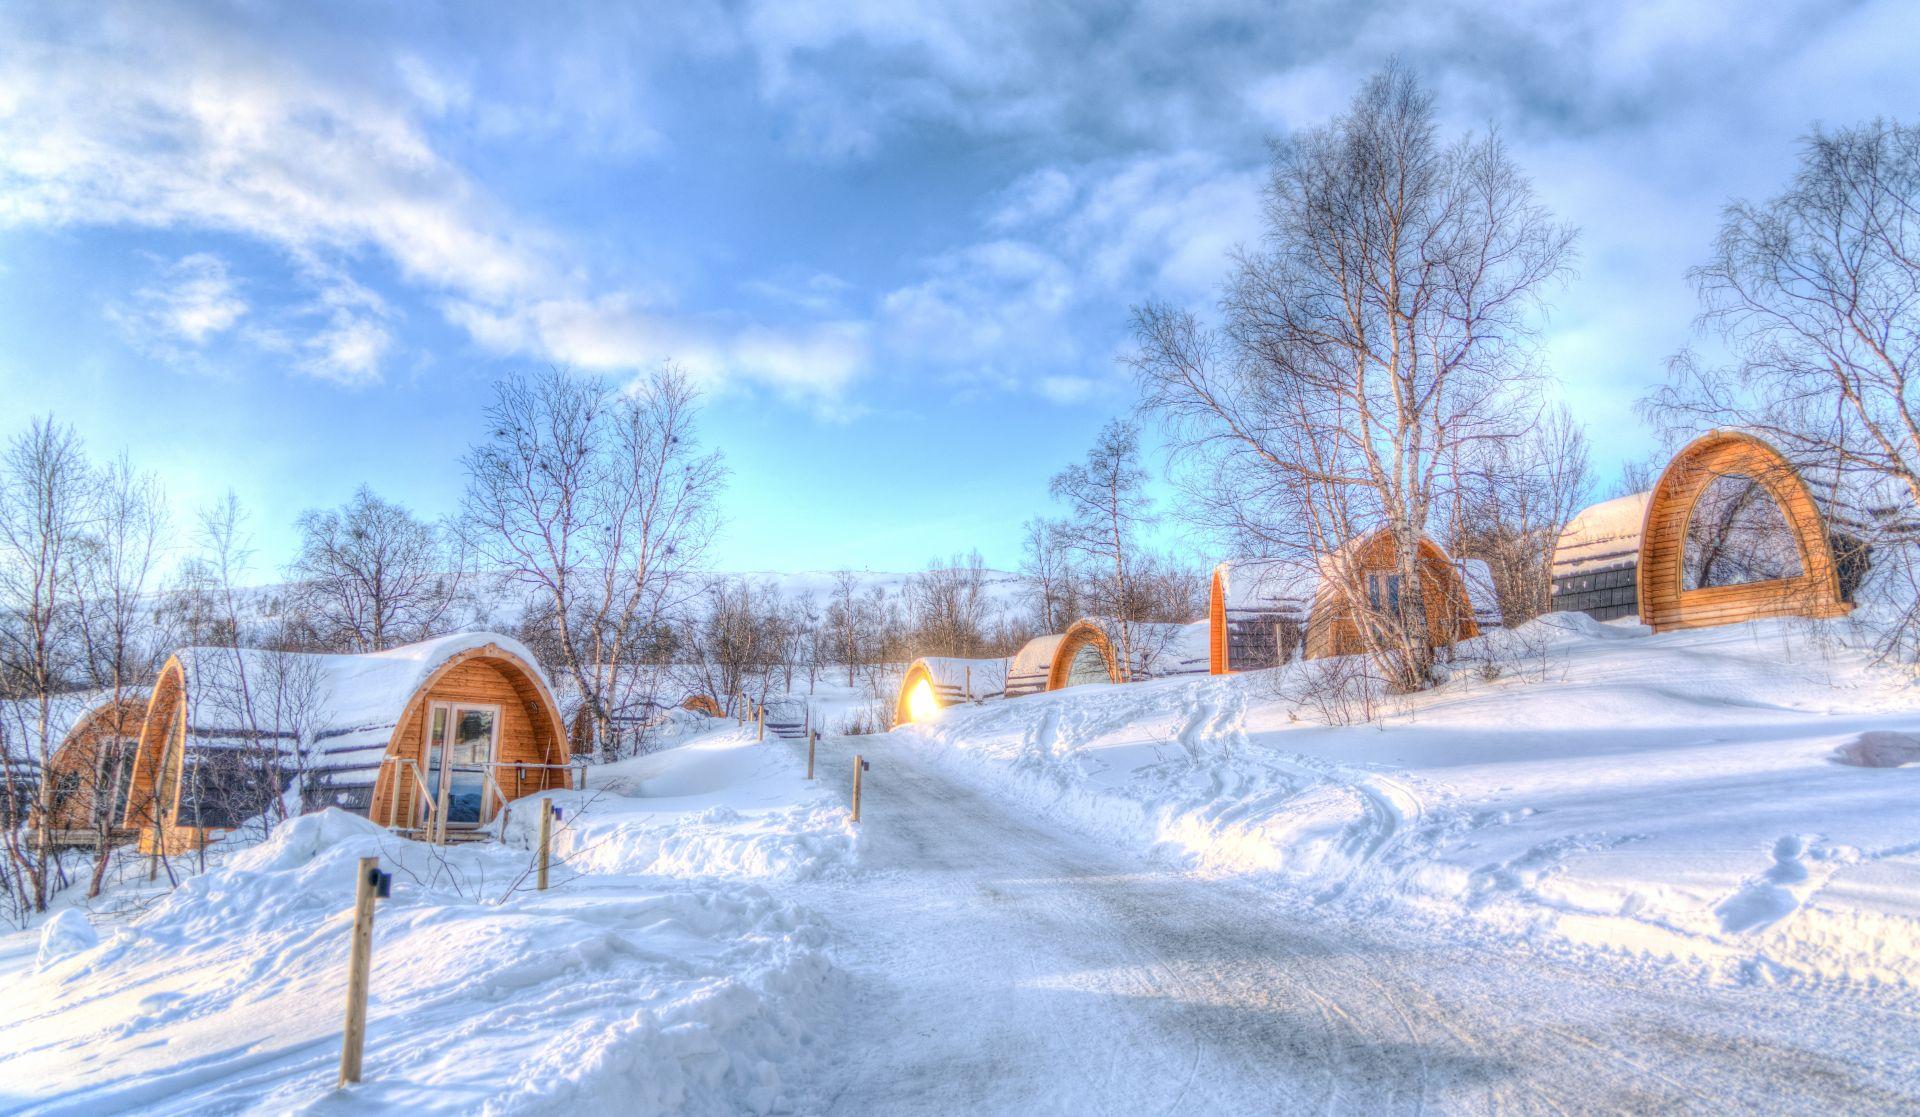 Aurore boreale și croazieră polară în Norvegia